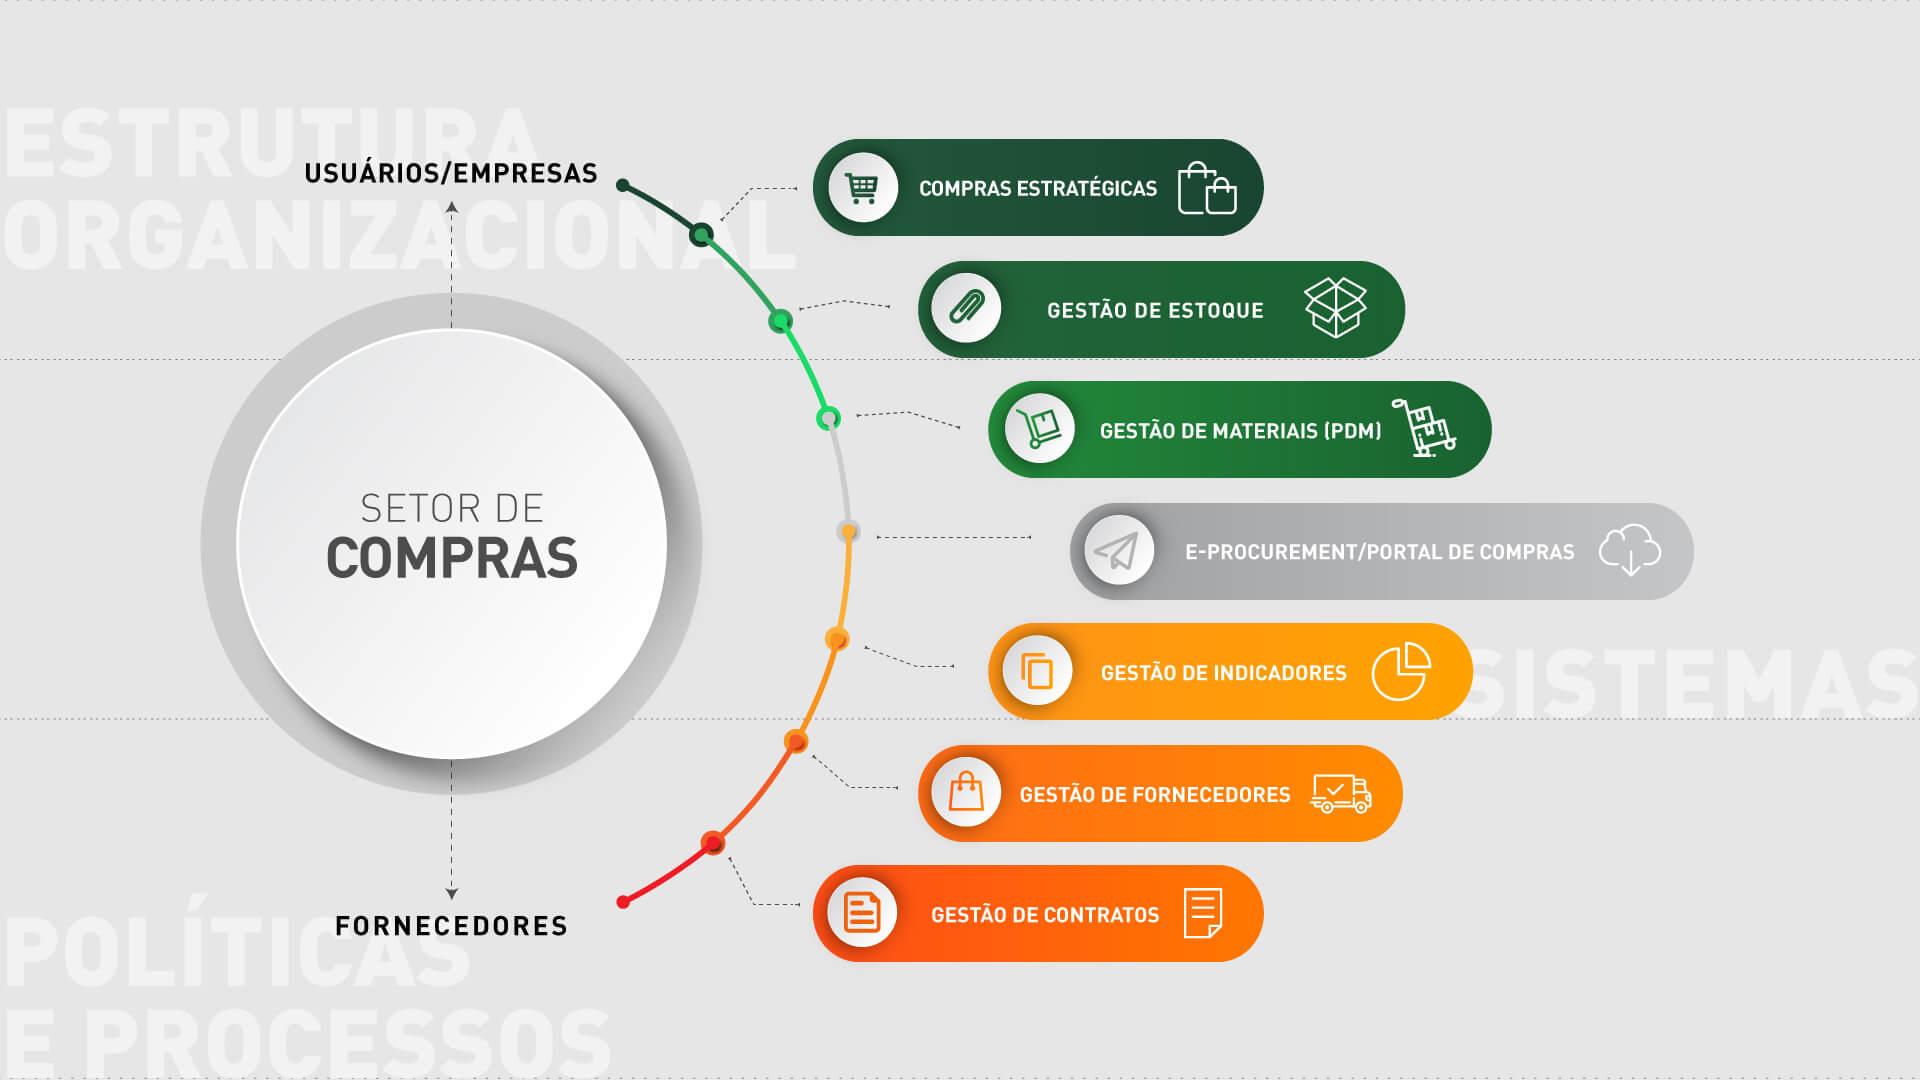 Consultoria com excelência na gestão de suprimentos (supply management) realizada pela Supply Solutions em São Caetano do Sul (SP)